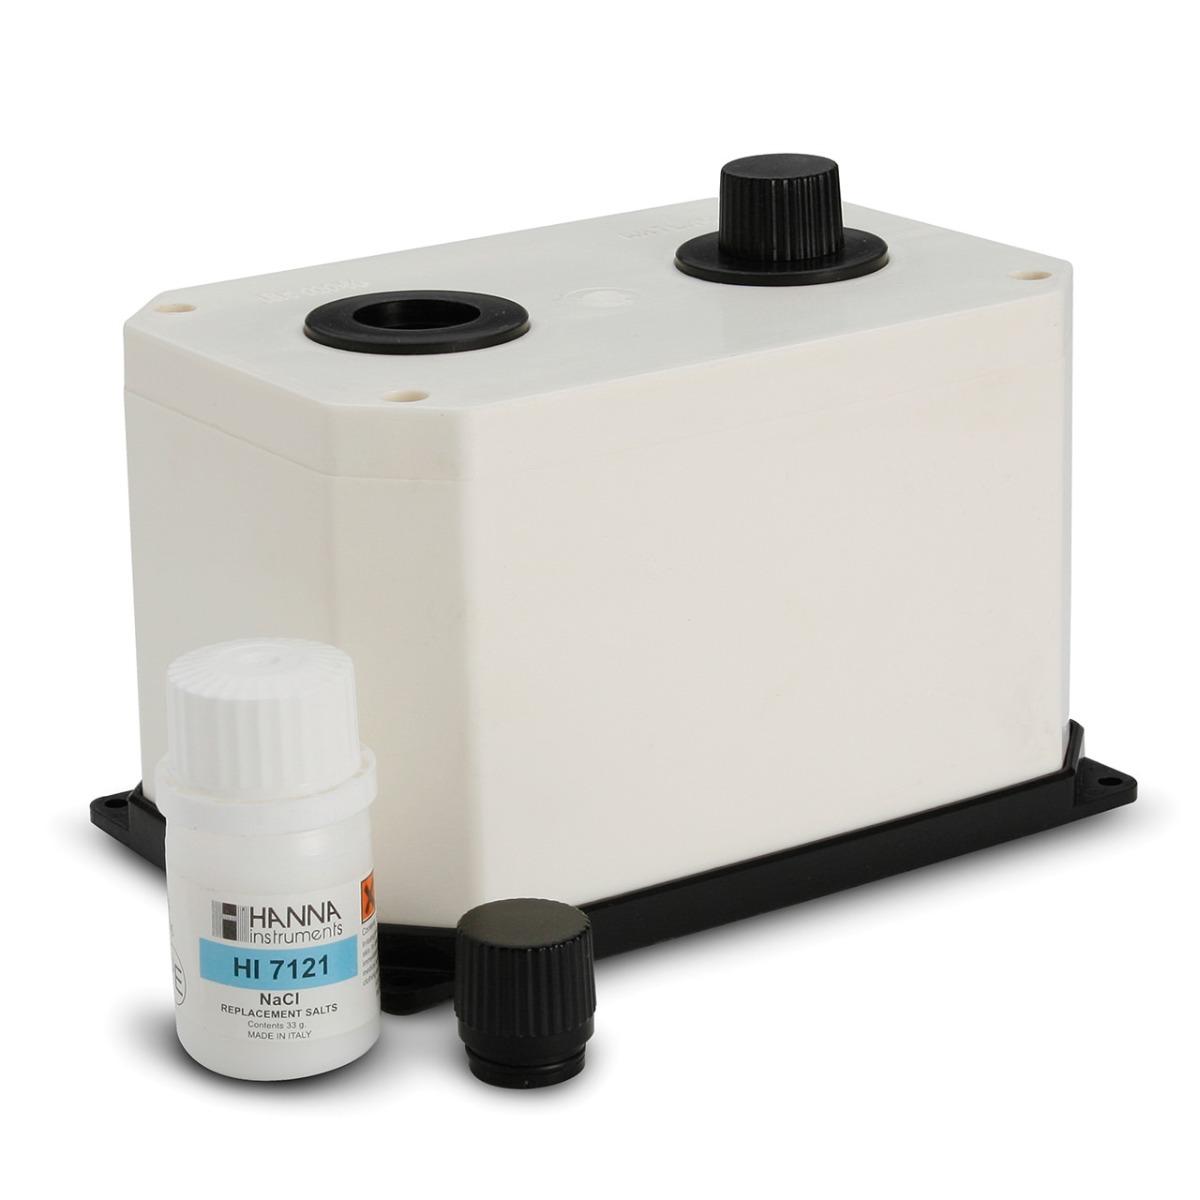 Kit de Calibración para Humedad Relativa - HI7102